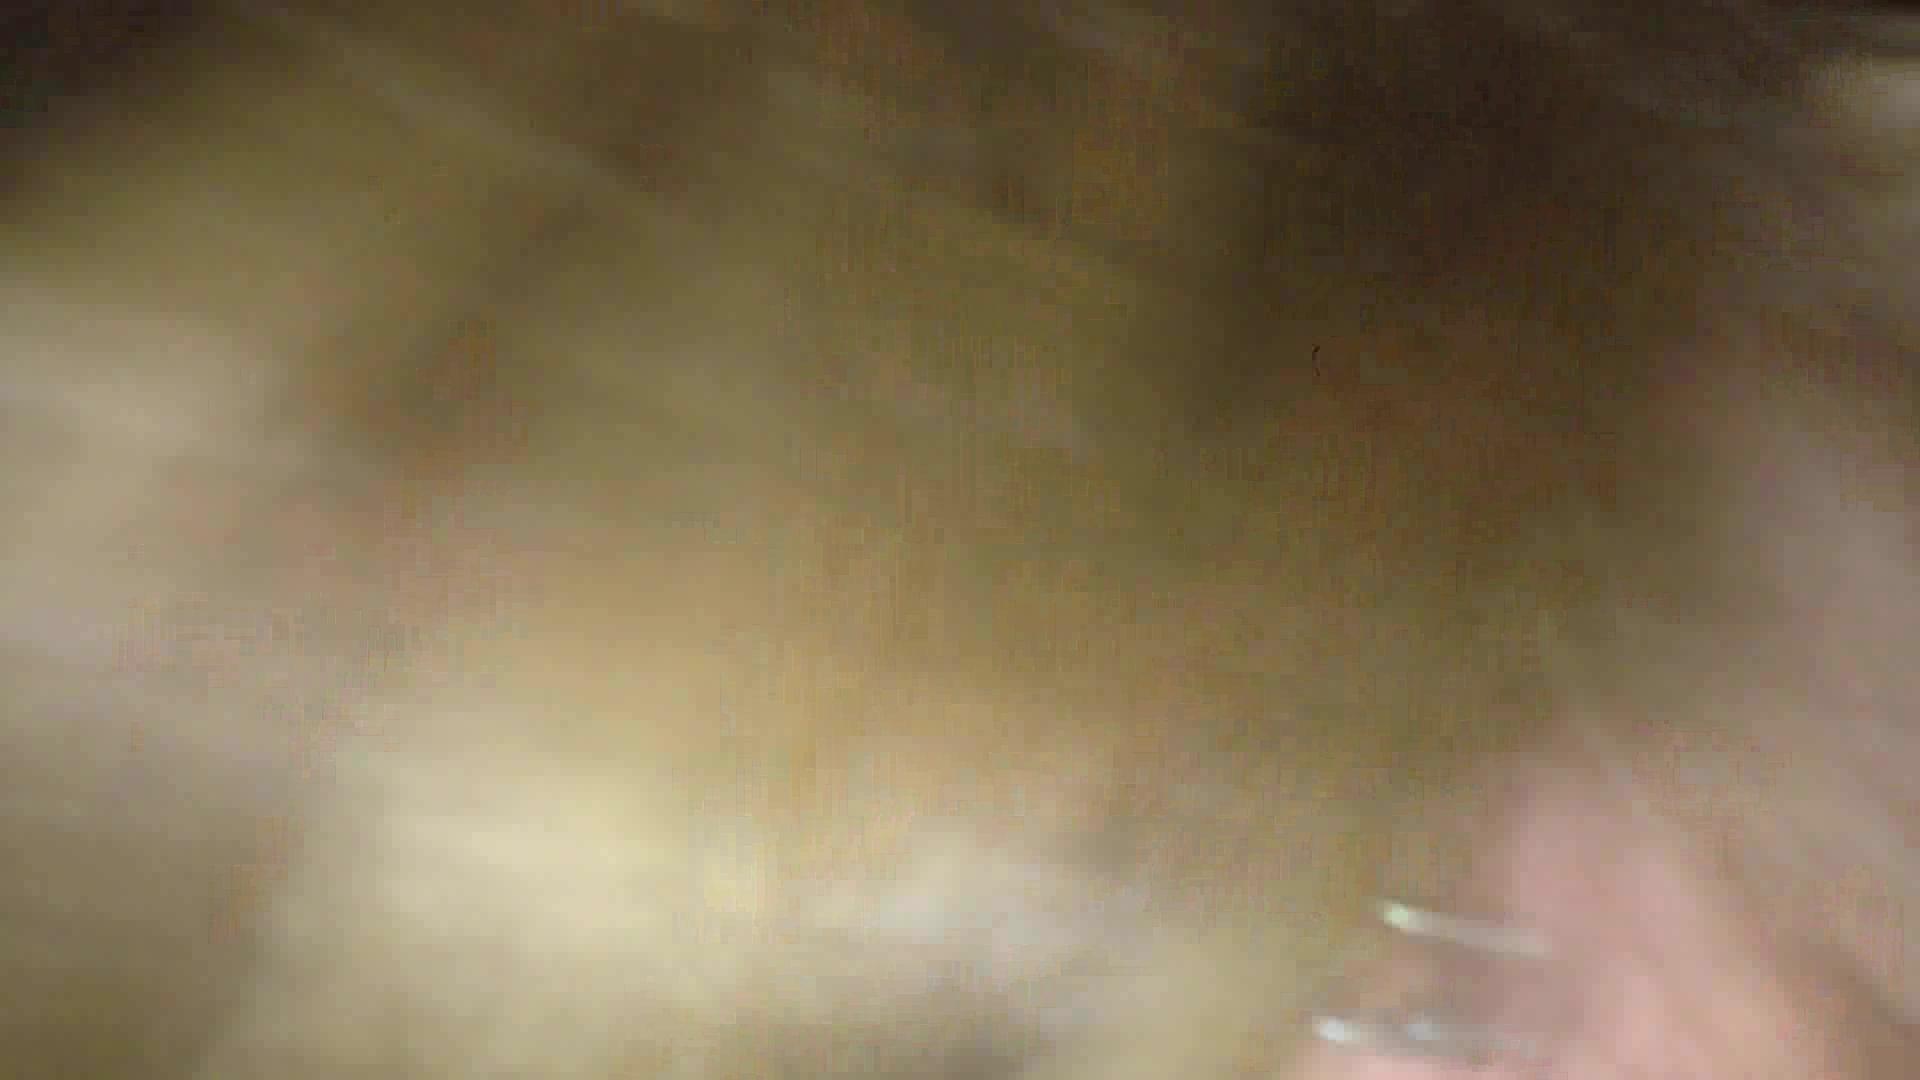 上級者の方専用 vol.03 盗撮特集 | おまんこ  107画像 70